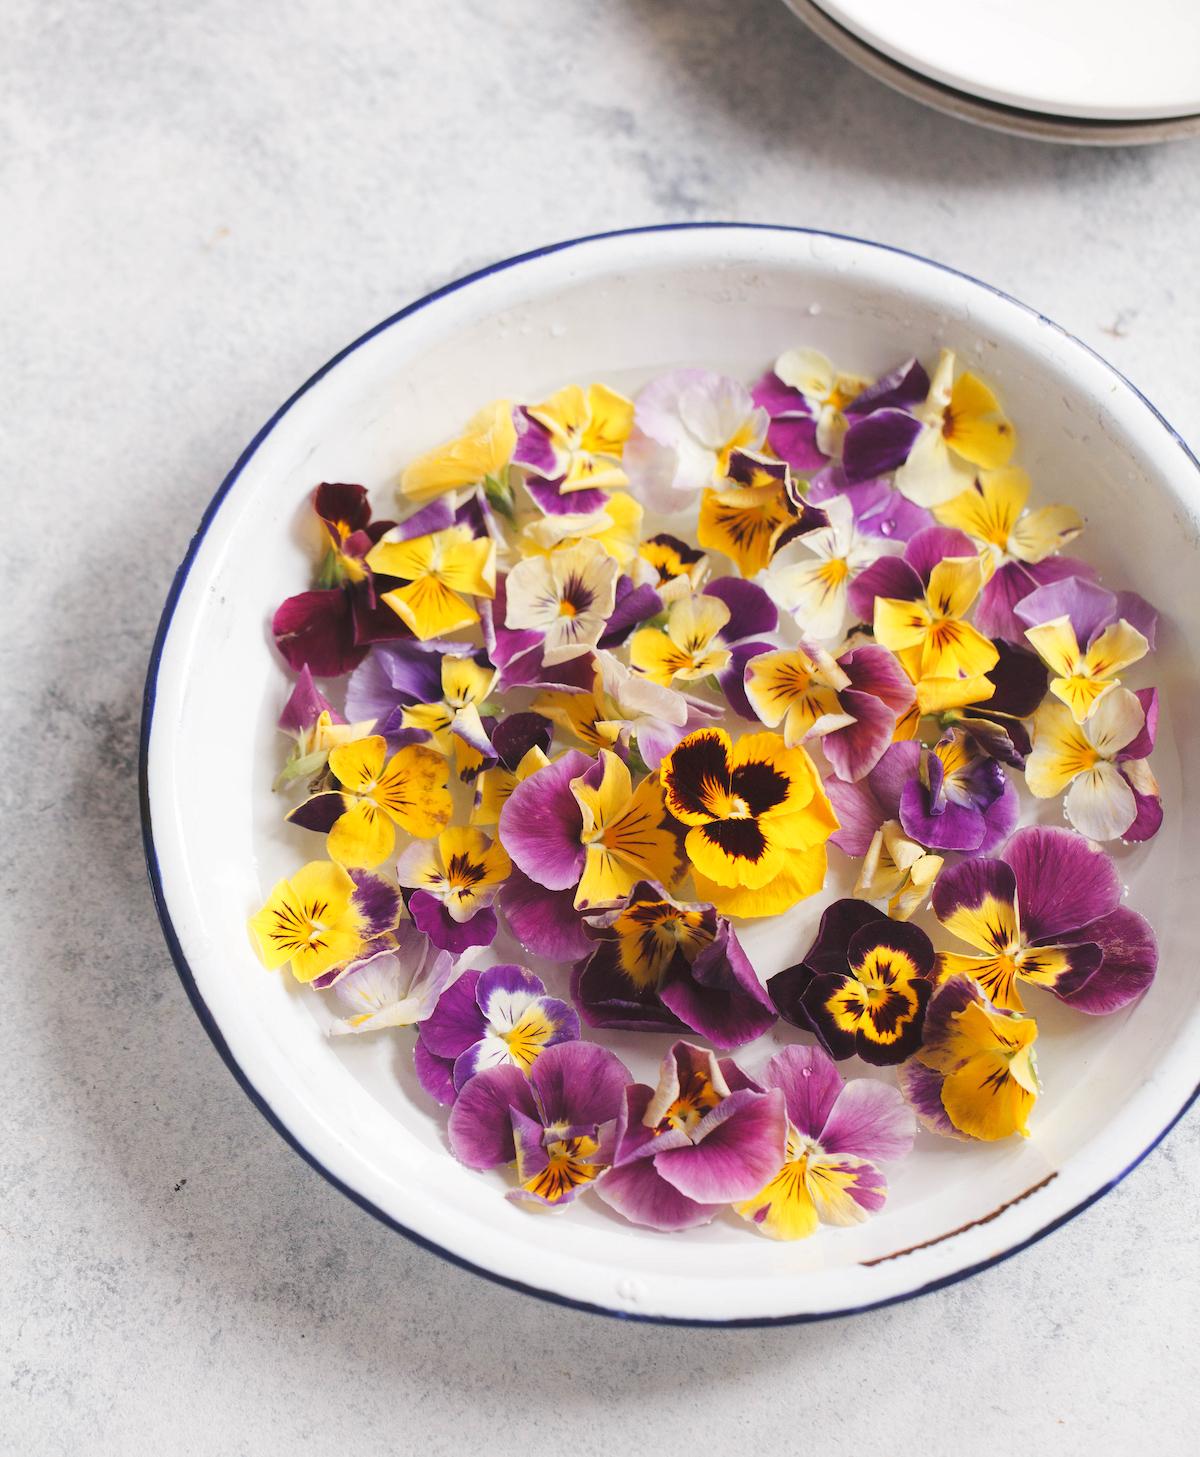 Fleurs comestibles : les pensées